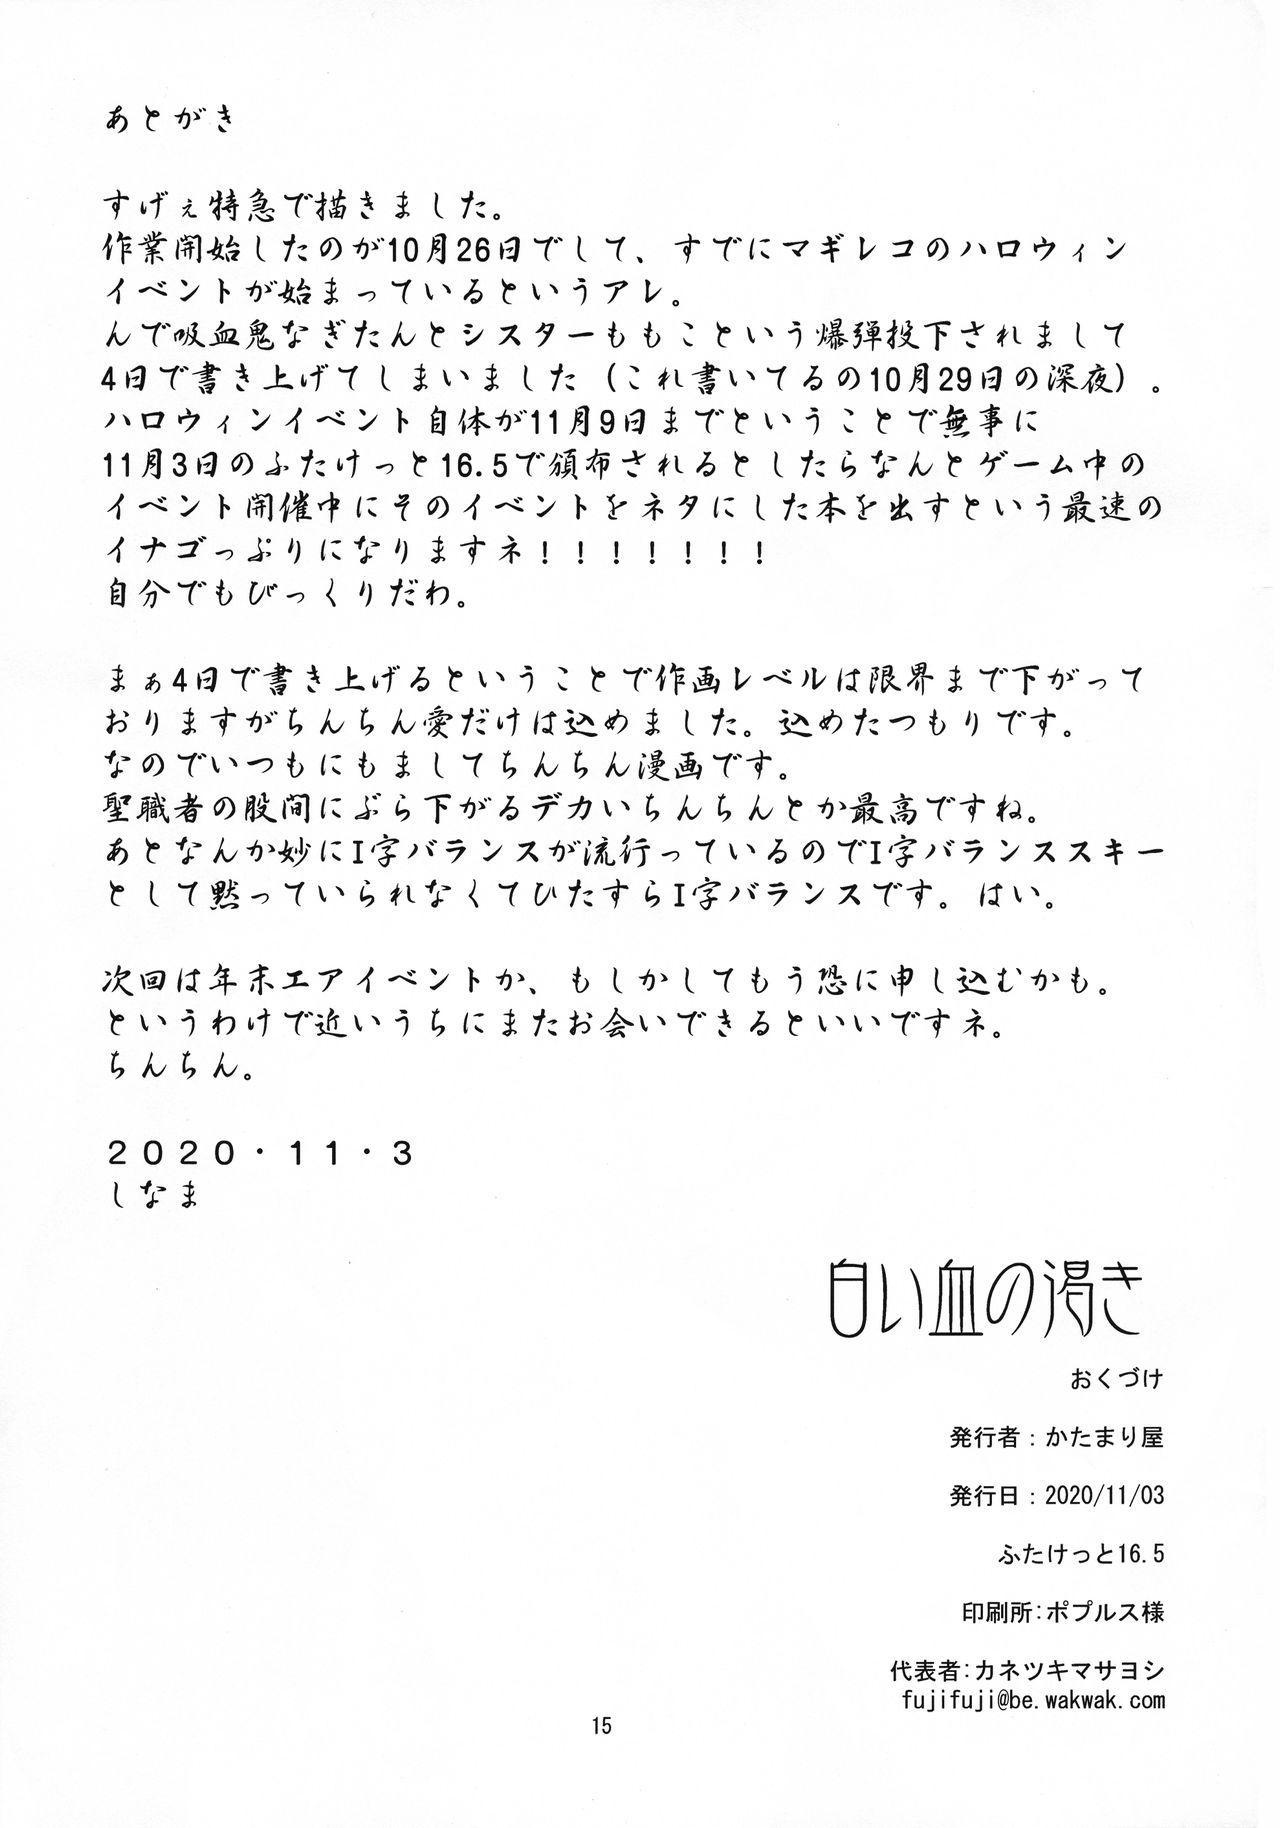 Shiroi chinokawaki 15